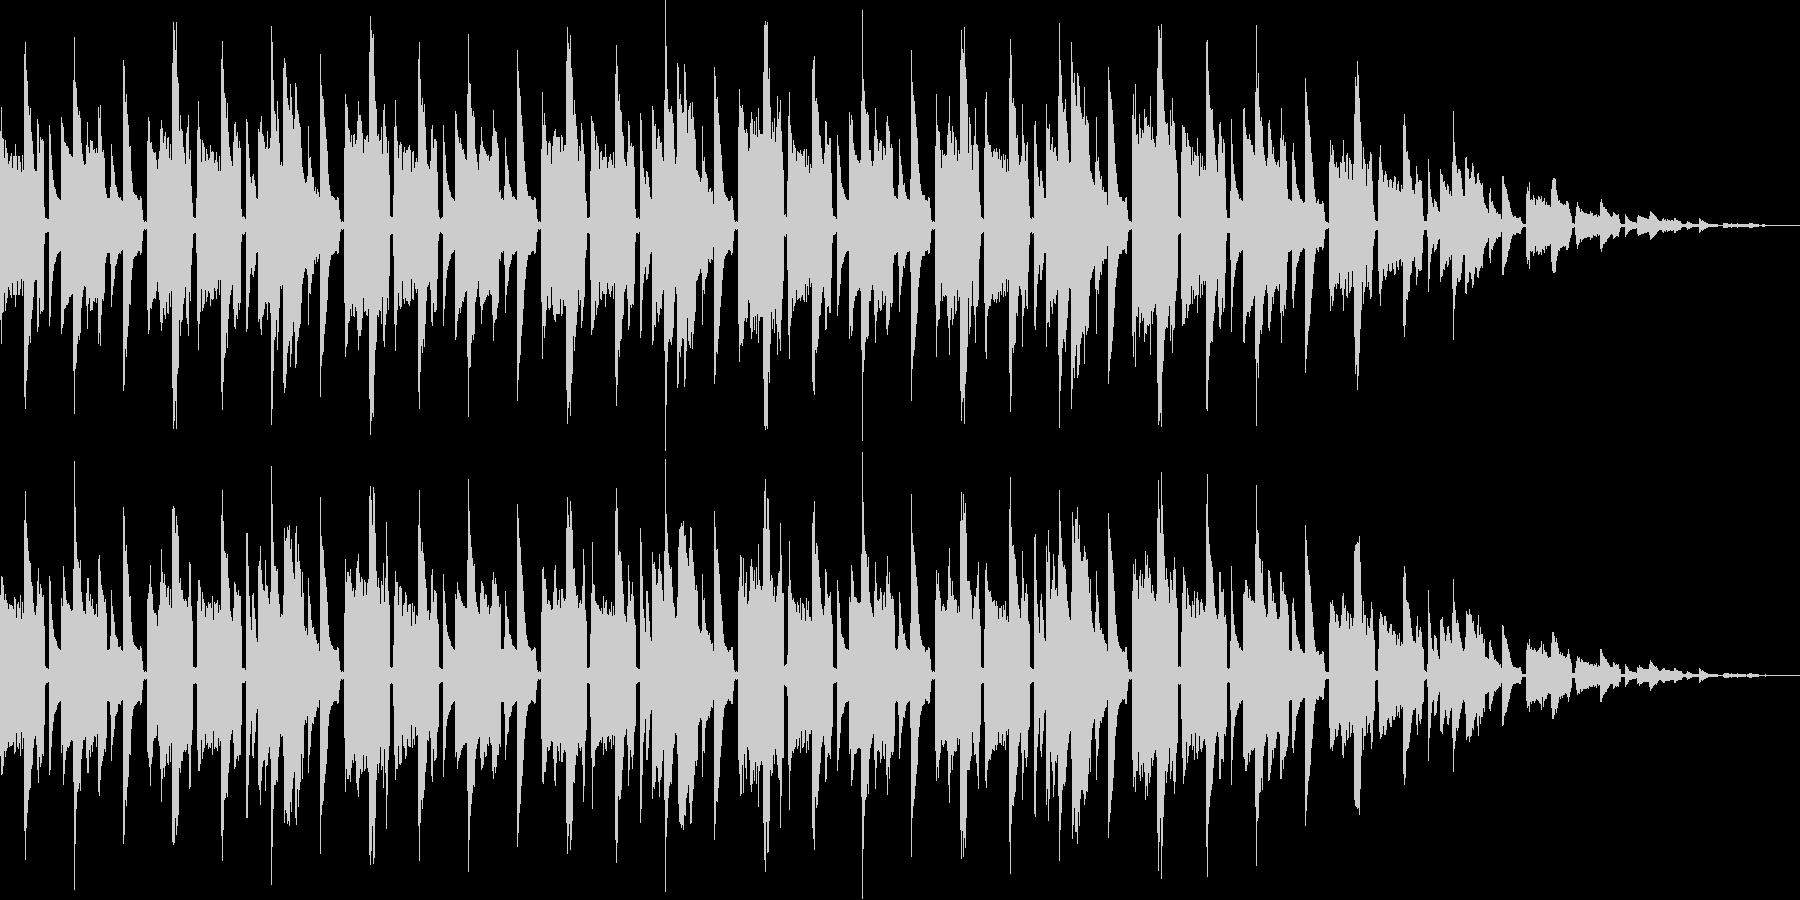 レトロゲーム風BGM(ゲームオーバー)の未再生の波形